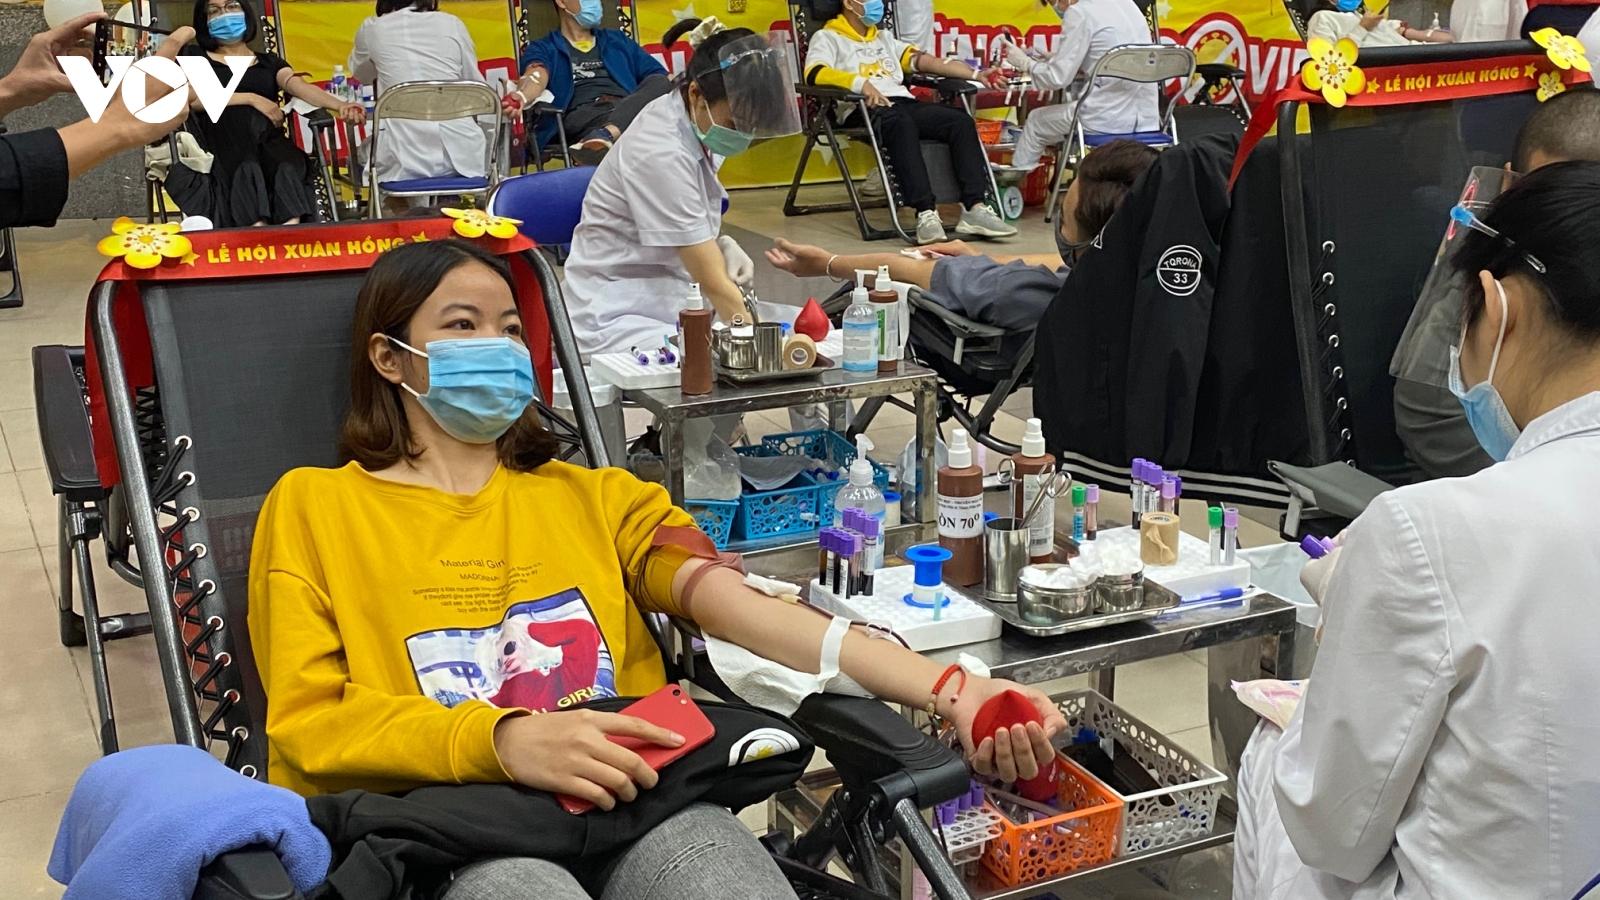 Lễ hội Xuân hồng 2021 dự kiến vận động được trên 4.000 đơn vị máu